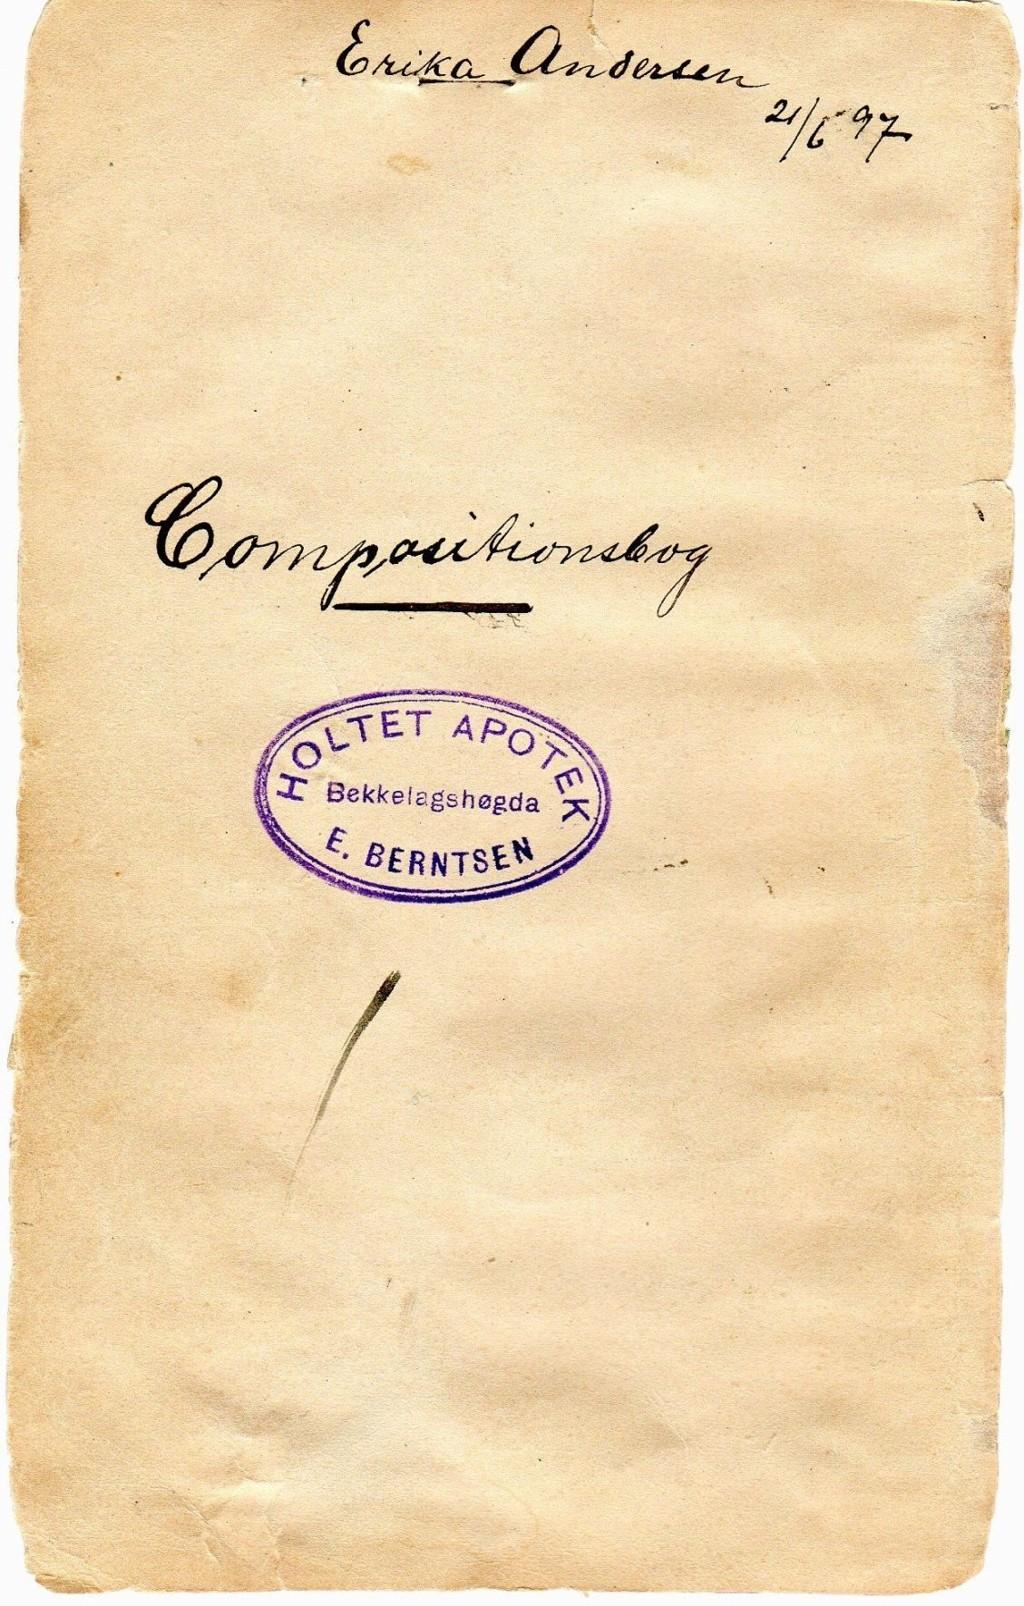 Forsiden av oppskriftsboken til apoteker Erika Berntsen født Andersen.